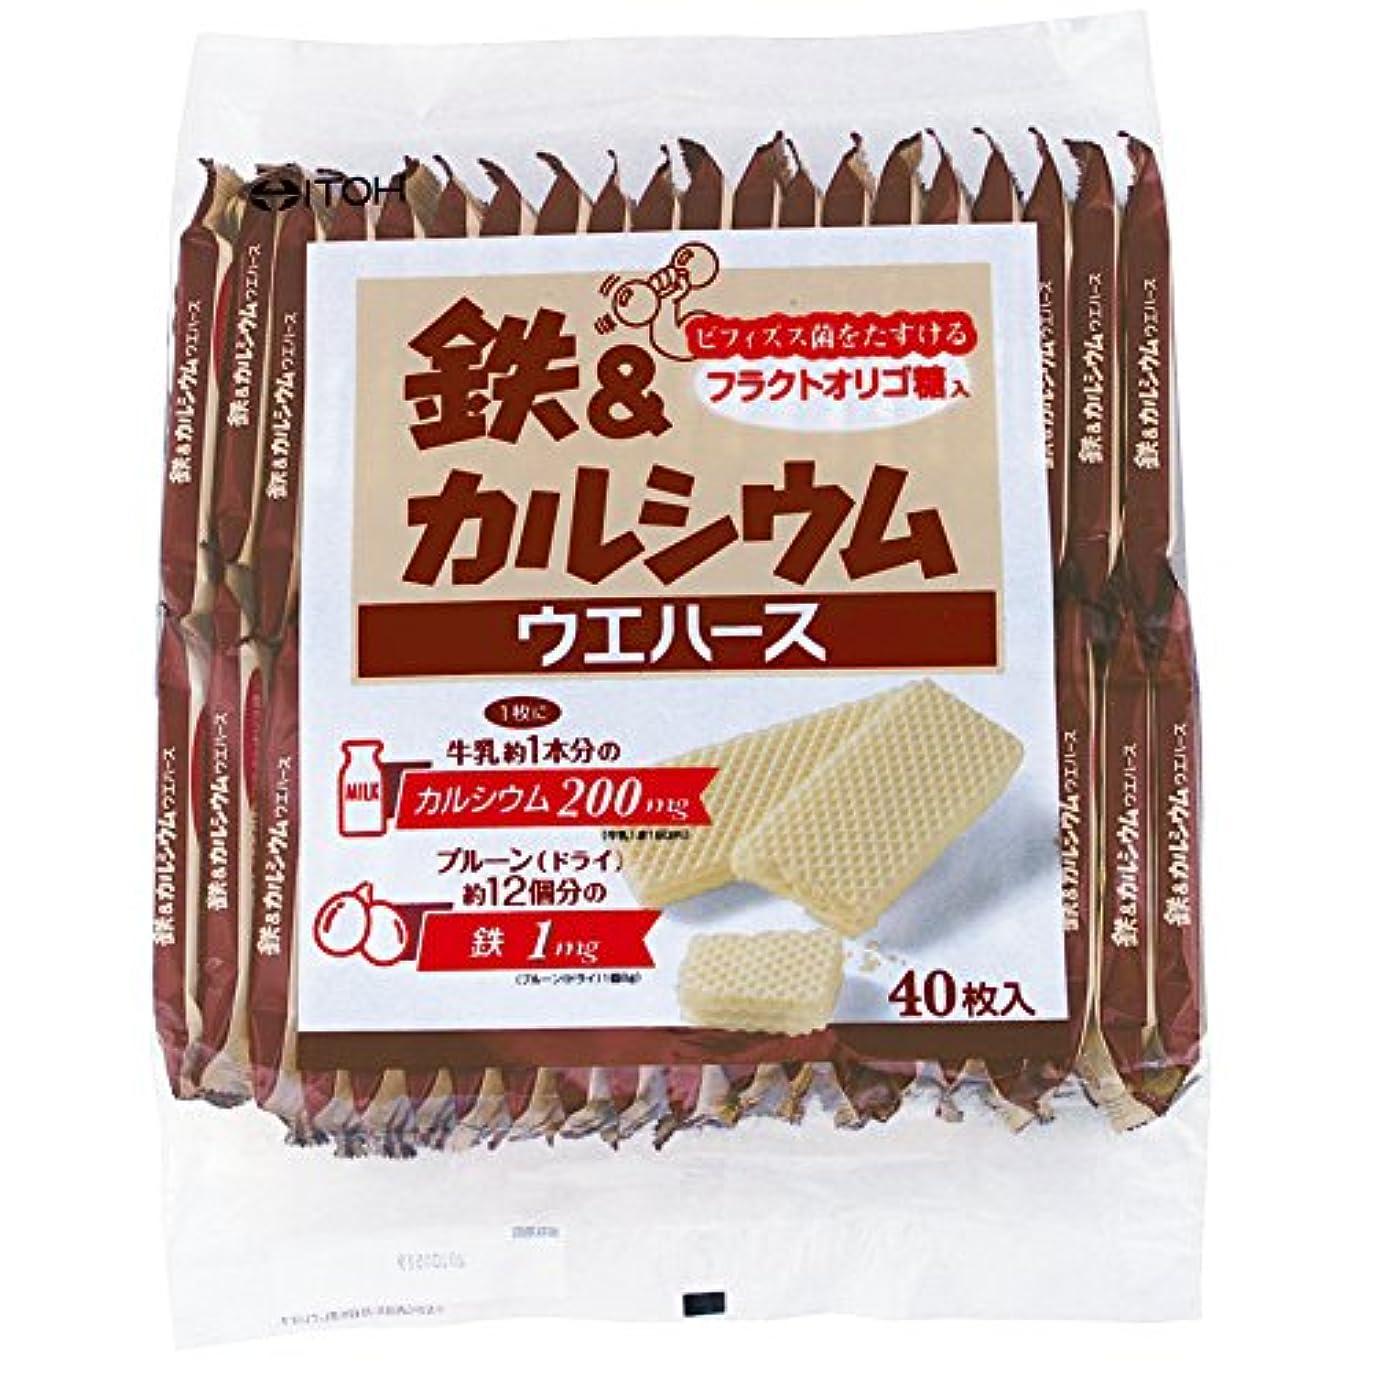 お世話になったトーナメントドロップ井藤漢方製薬 鉄&カルシウム ウエハース 40枚